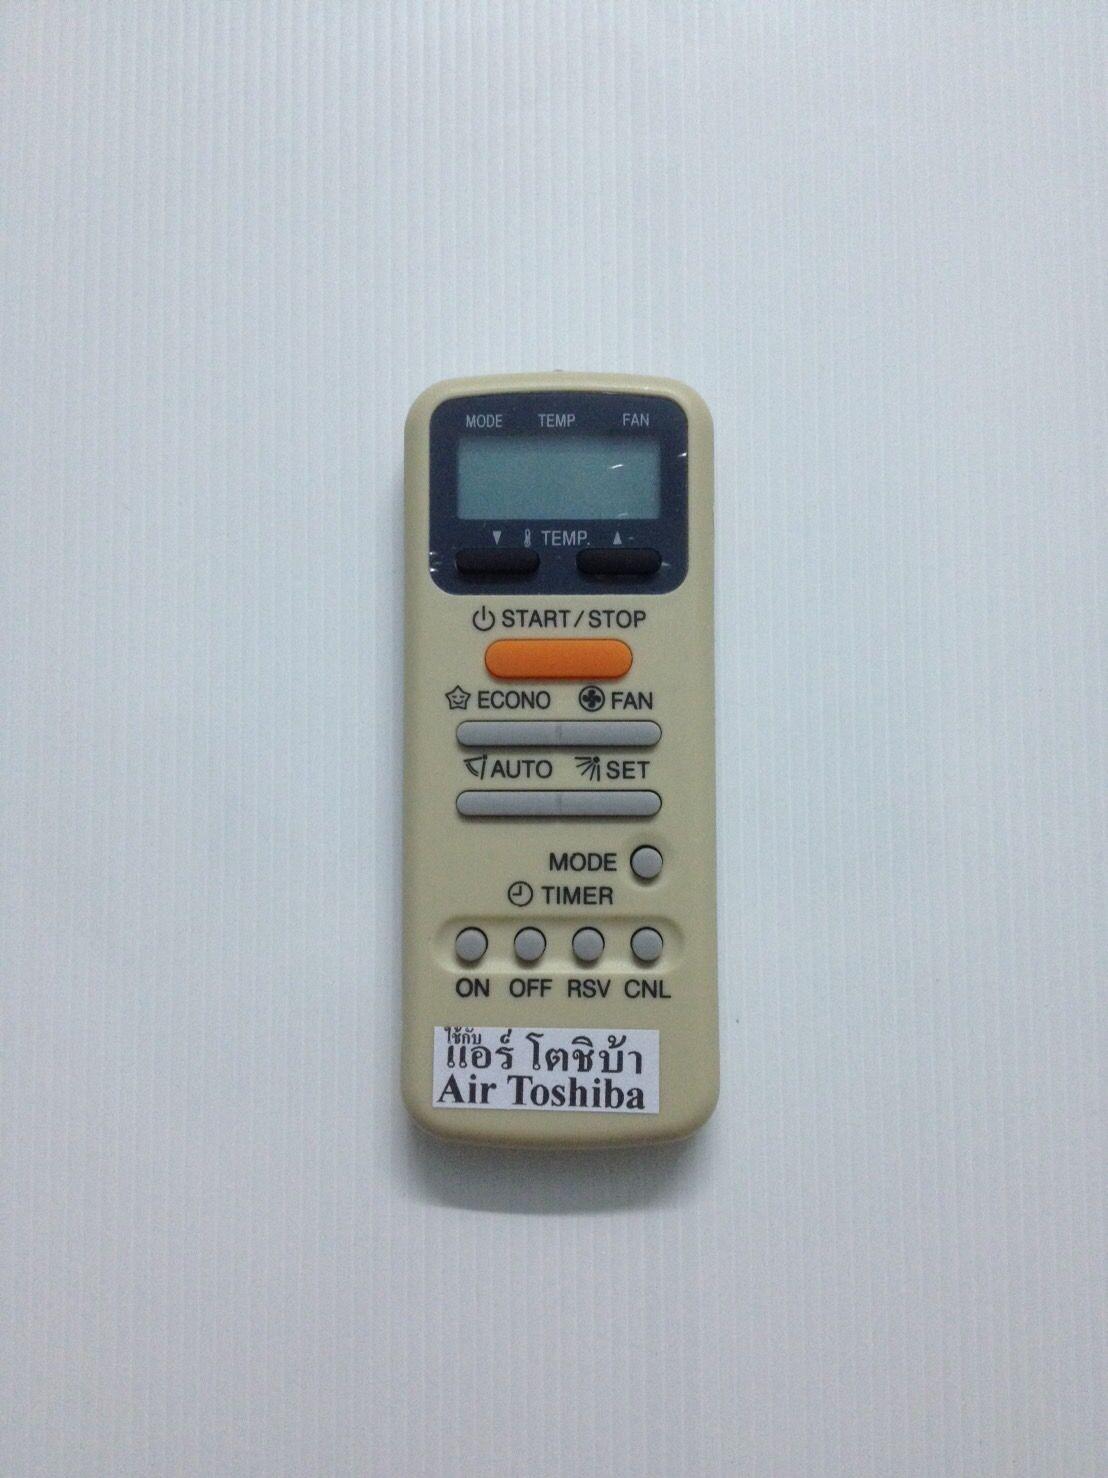 รีโมทแอร์ โตชิบ้า Toshiba ปุ่มส้ม (มีรูปภาพ)